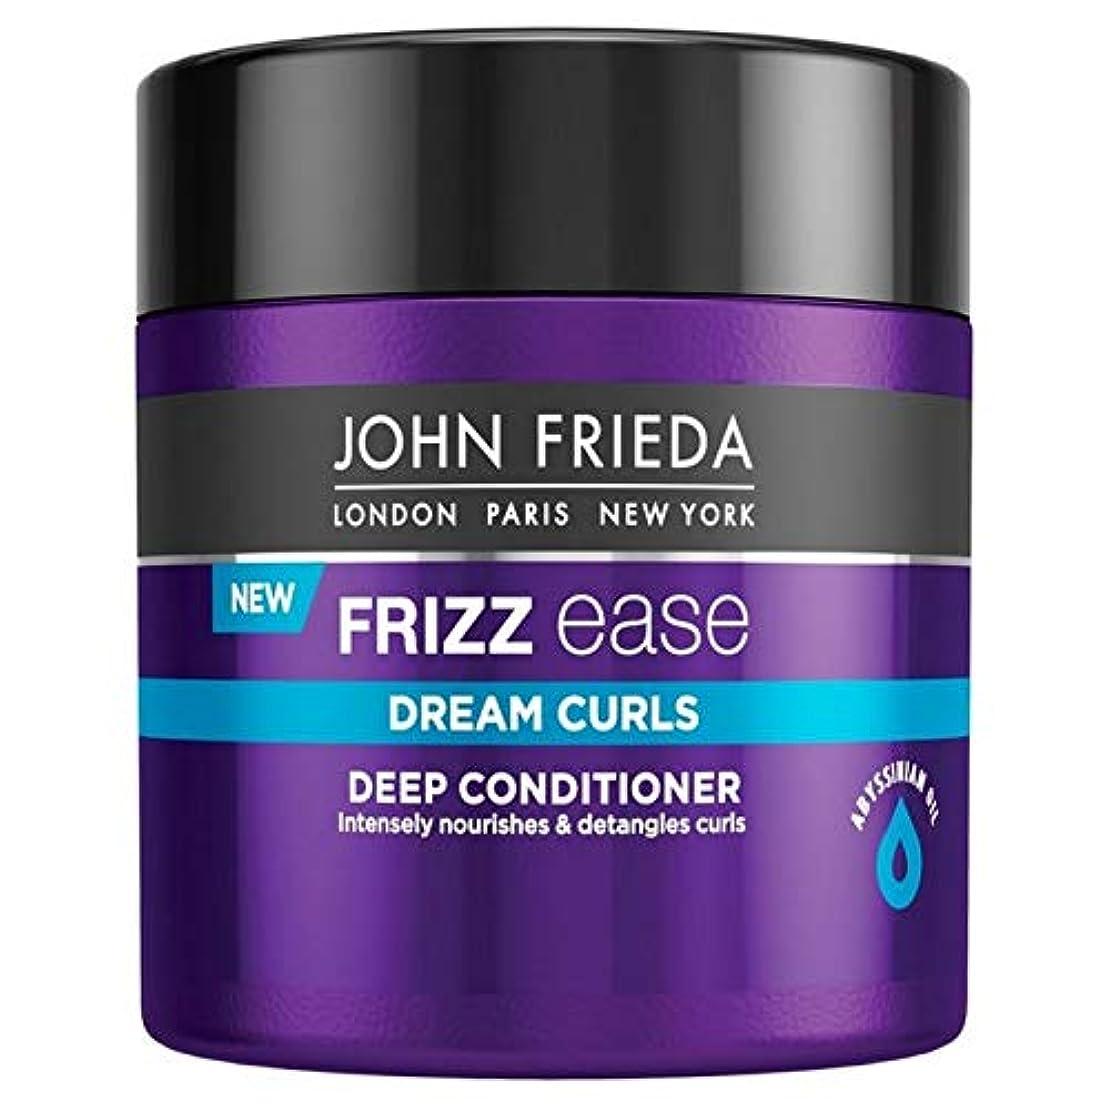 銀行目指す提出する[John Frieda ] ジョン?フリーダ縮れ容易夢カール深いコンディショナー150ミリリットル - John Frieda Frizz Ease Dream Curls Deep Conditioner 150ml...